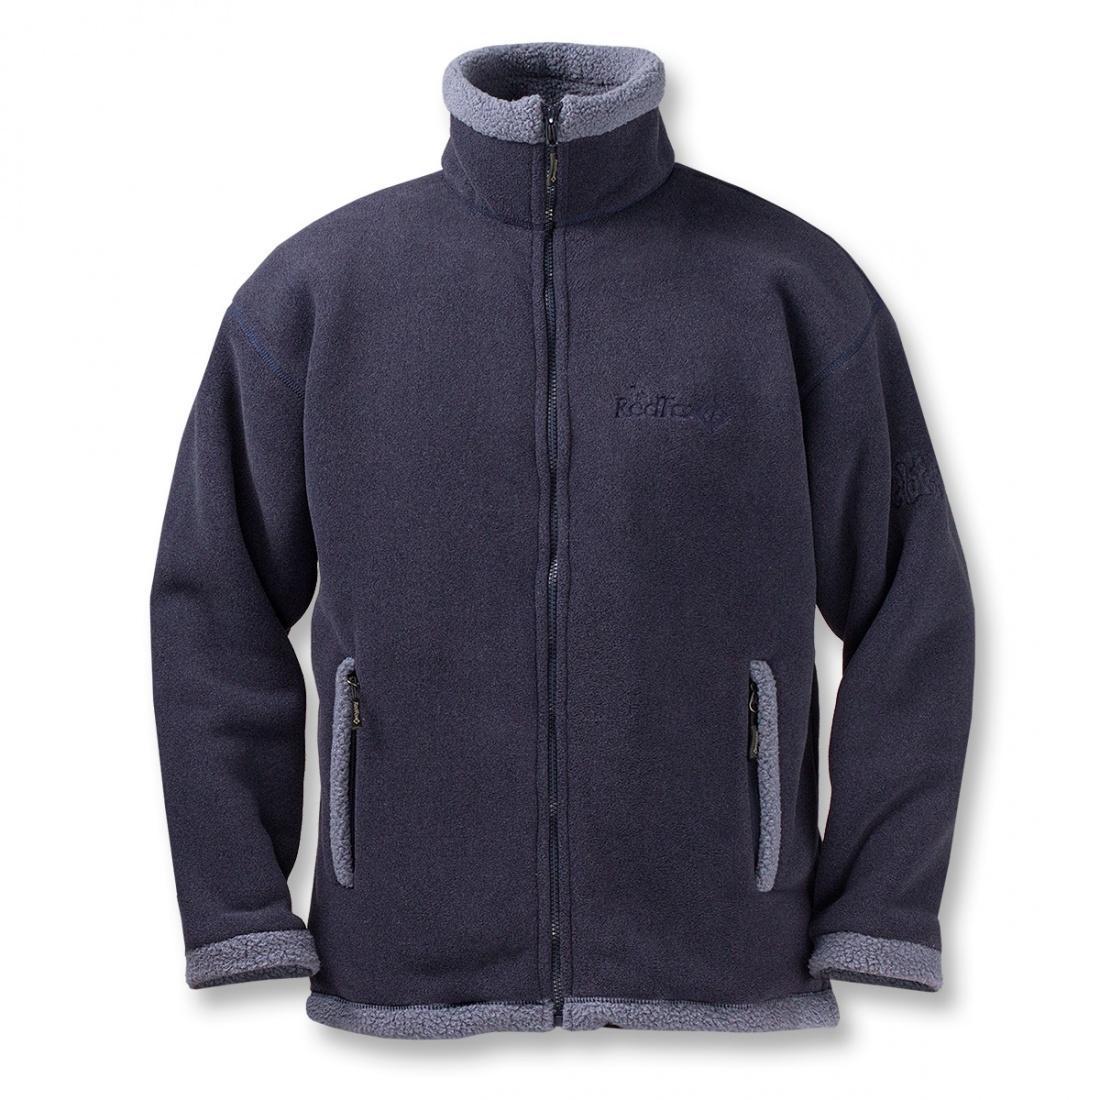 Куртка Cliff МужскаяКуртки<br><br> Модель курток Сliff признана одной из самых популярных в коллекции Red Fox среди изделий из материаловPolartec®.<br><br><br> <br><br><br><br><br>Мат...<br><br>Цвет: Синий<br>Размер: 58